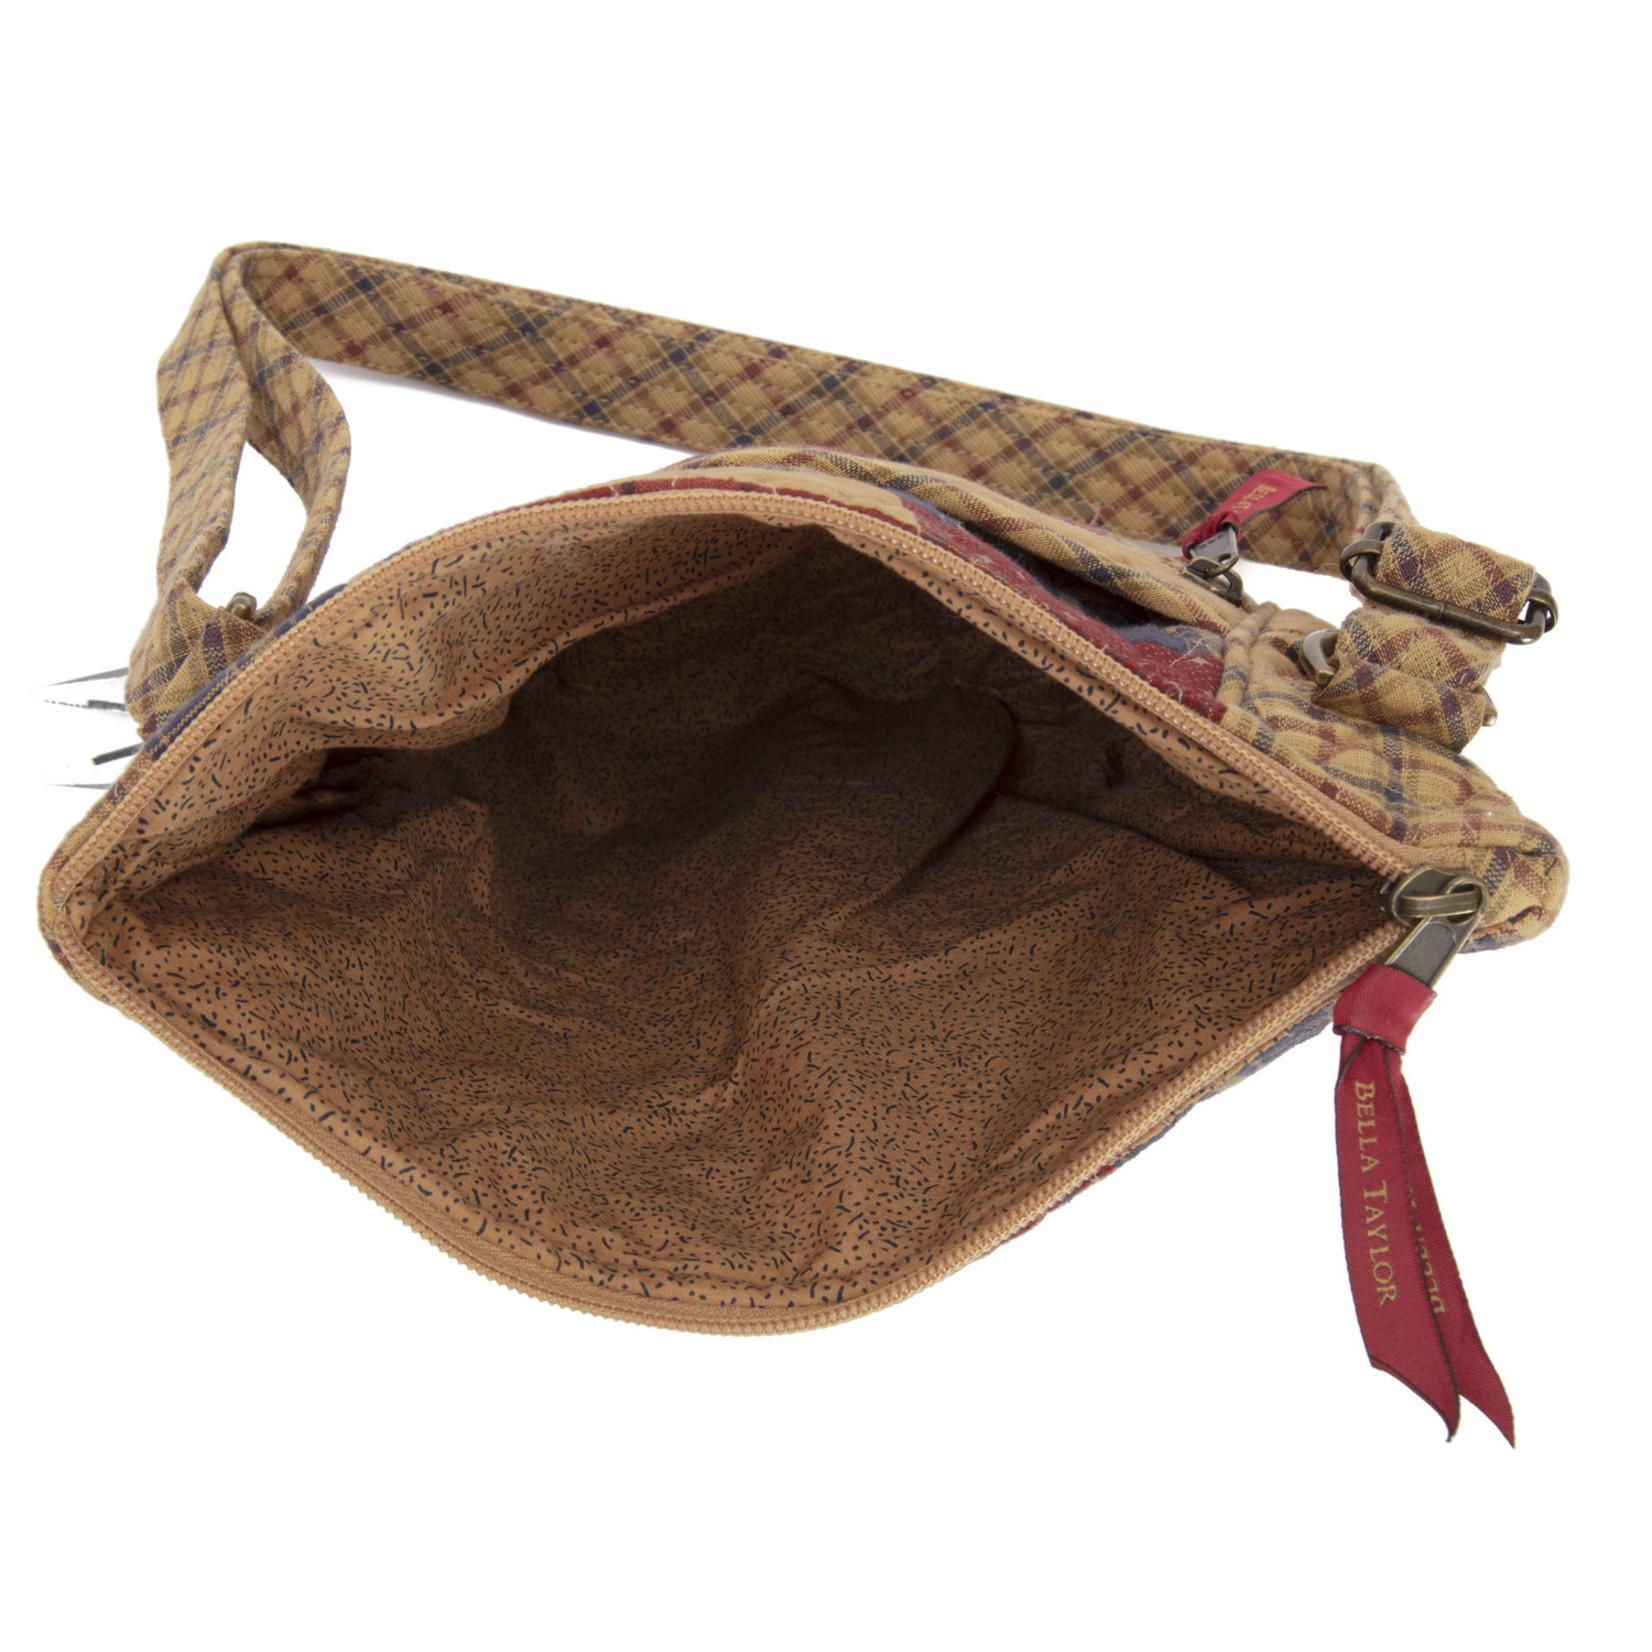 Bella Taylor Millsboro - Hipster handbag